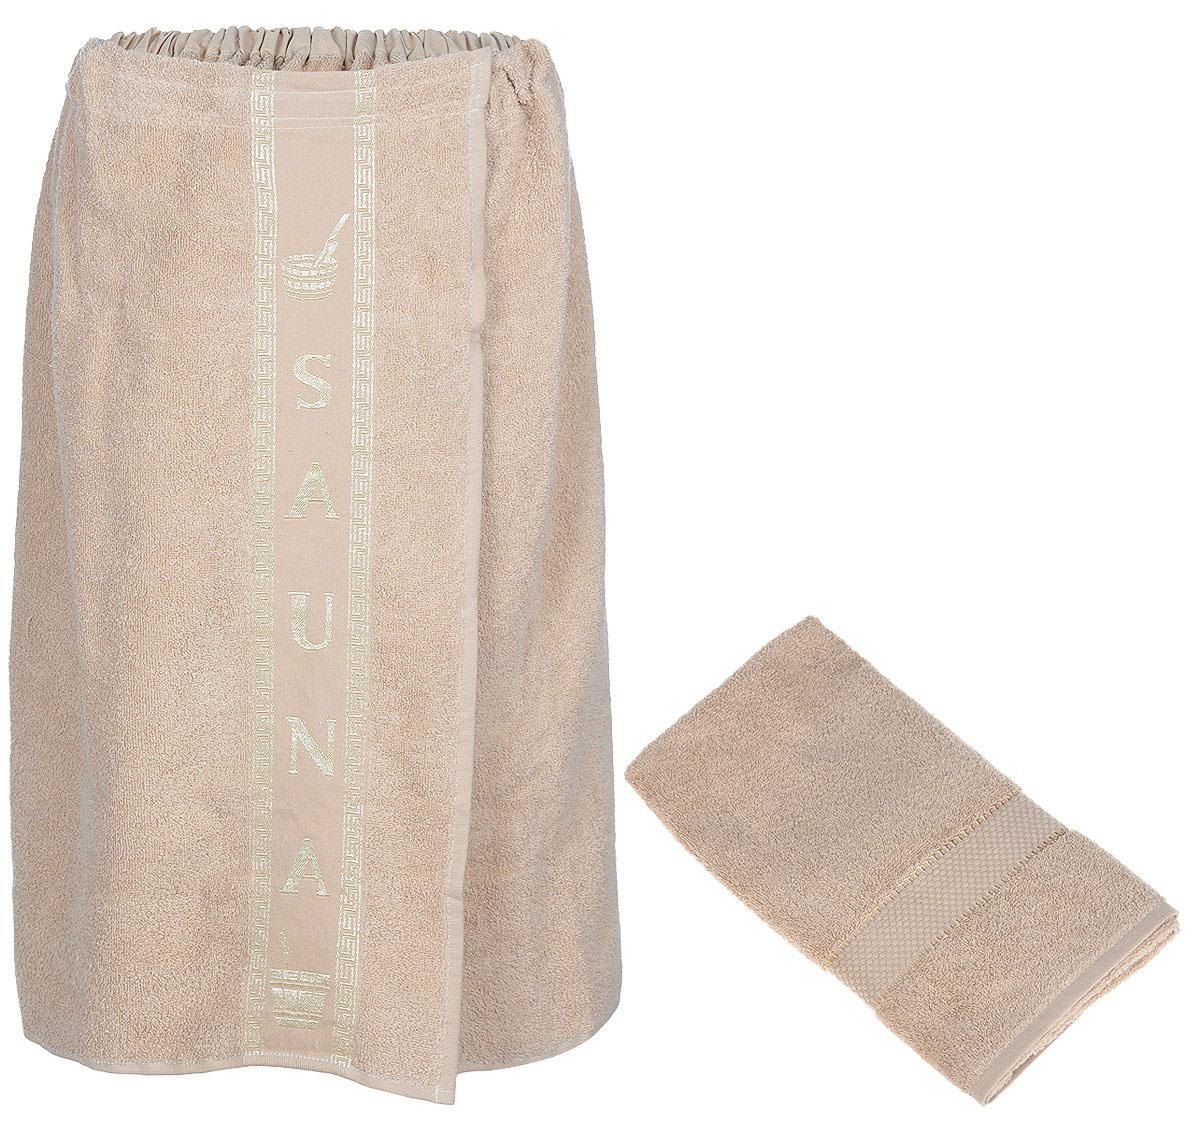 Набор для бани и сауны Arya, мужской, цвет: светло-коричневый, 2 предметаF0003860Светло-коричневыйНабор для бани и сауны Arya, выполненный из 100% хлопка, состоит из килта и полотенца. Банный килт- это многофункциональное полотенце специального покроя с резинкой и липучкой, благодаря которым вы сами регулируете размер. В парилке можно использовать как коврик, после душа вытираться. Полотенце - незаменимая вещь, которая обладает невероятной мягкостью и удивительной впитываемостью. Благодаря качественному хлопковому сырью и удобному фасону предметов набора Arya вы будете получать настоящий комфорт. Размер килта: 75 х 150 см. Размер полотенца: 50 х 90 см.